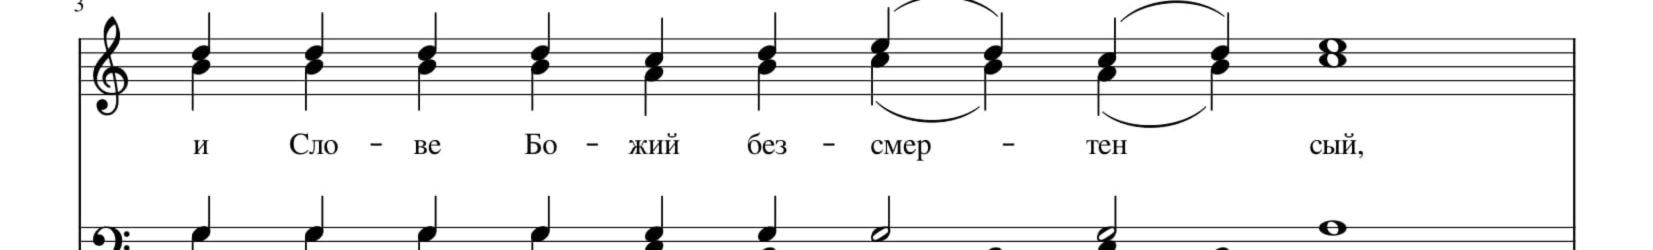 Единородный Сыне, 6 глас. Малый знаменный распев, изложение иером Афанасия